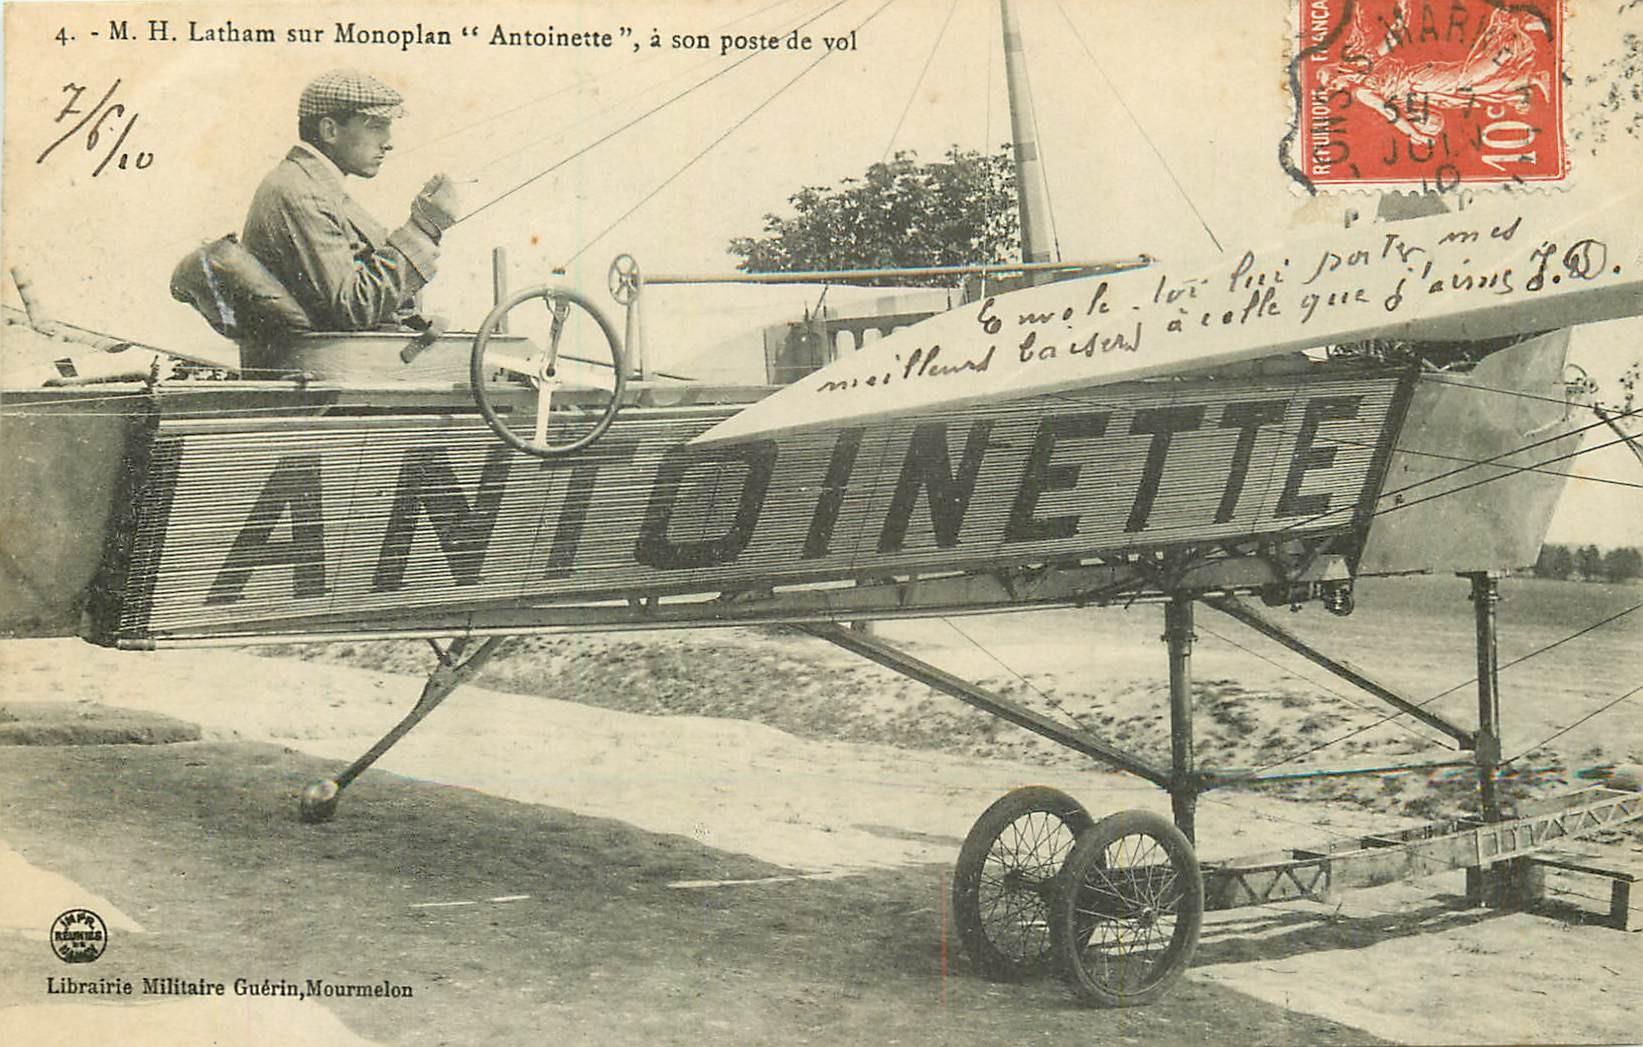 """Aviateur Latham sur Monoplan """" ANTOINETTE """" 1910"""